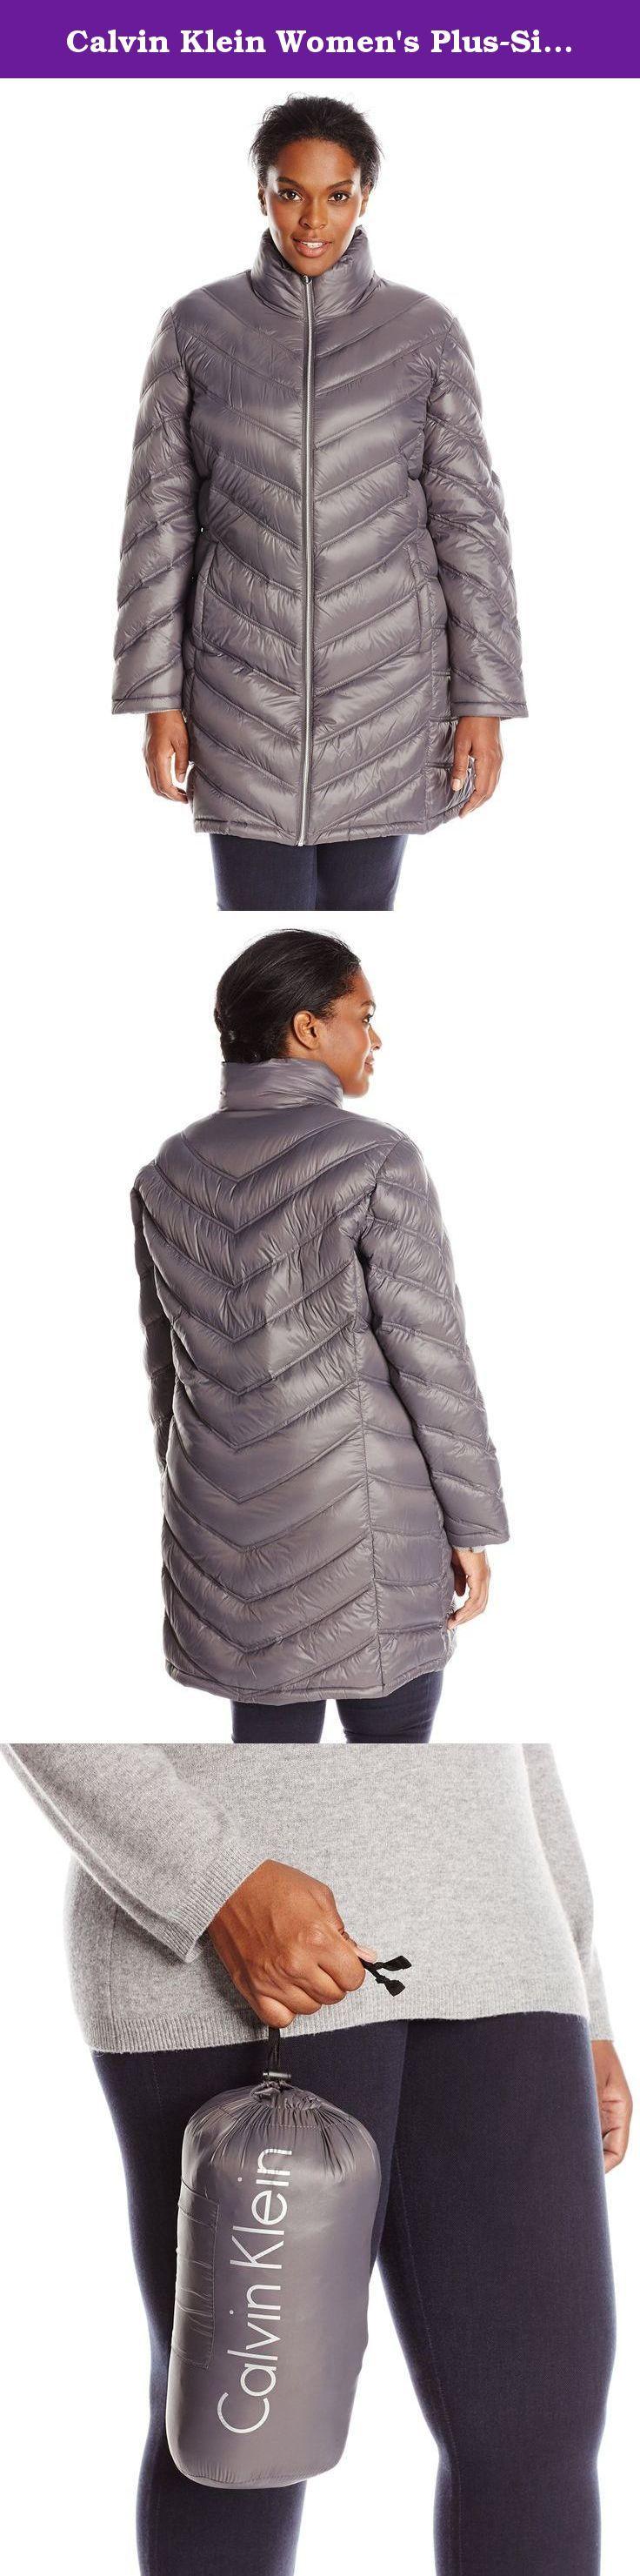 Calvin Klein Women's Plus-Size Chevron-Quilted Packable Down Coat Plus, Titanium, 3X. Lightweight packable down long with chevron quilting pattern plus size.